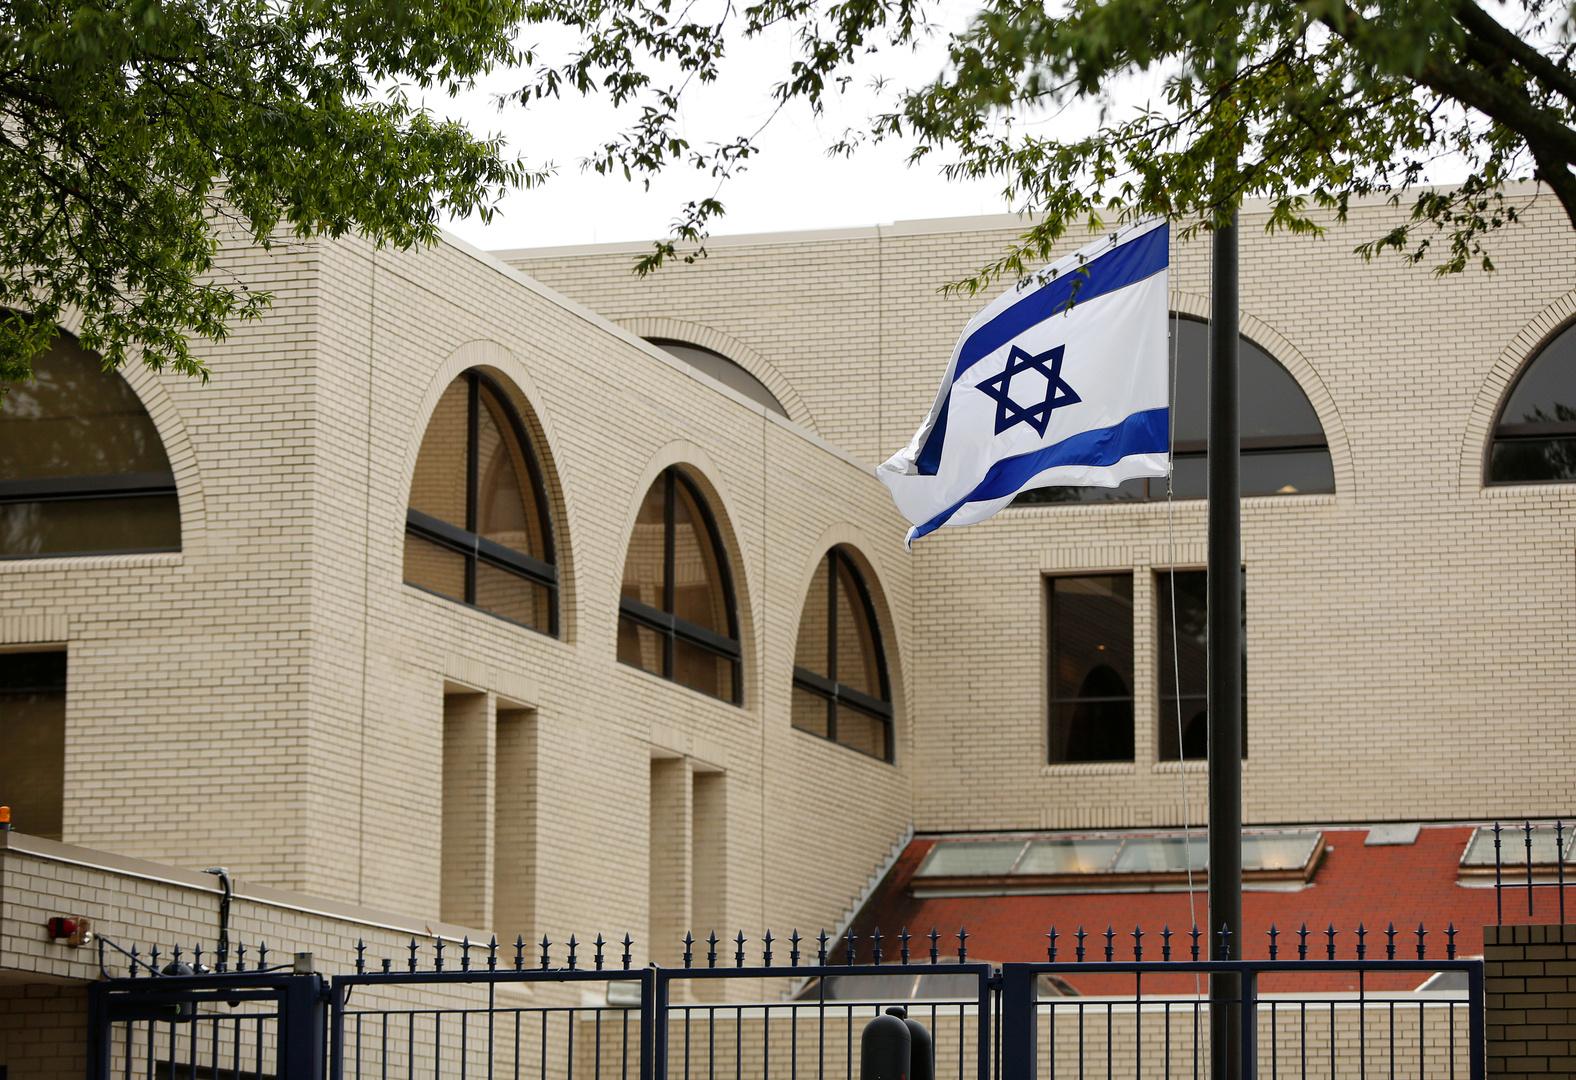 إسرائيل ترفع مستوى التأهب الأمني في سفاراتها تحسبا للانتقام على اغتيال سليماني